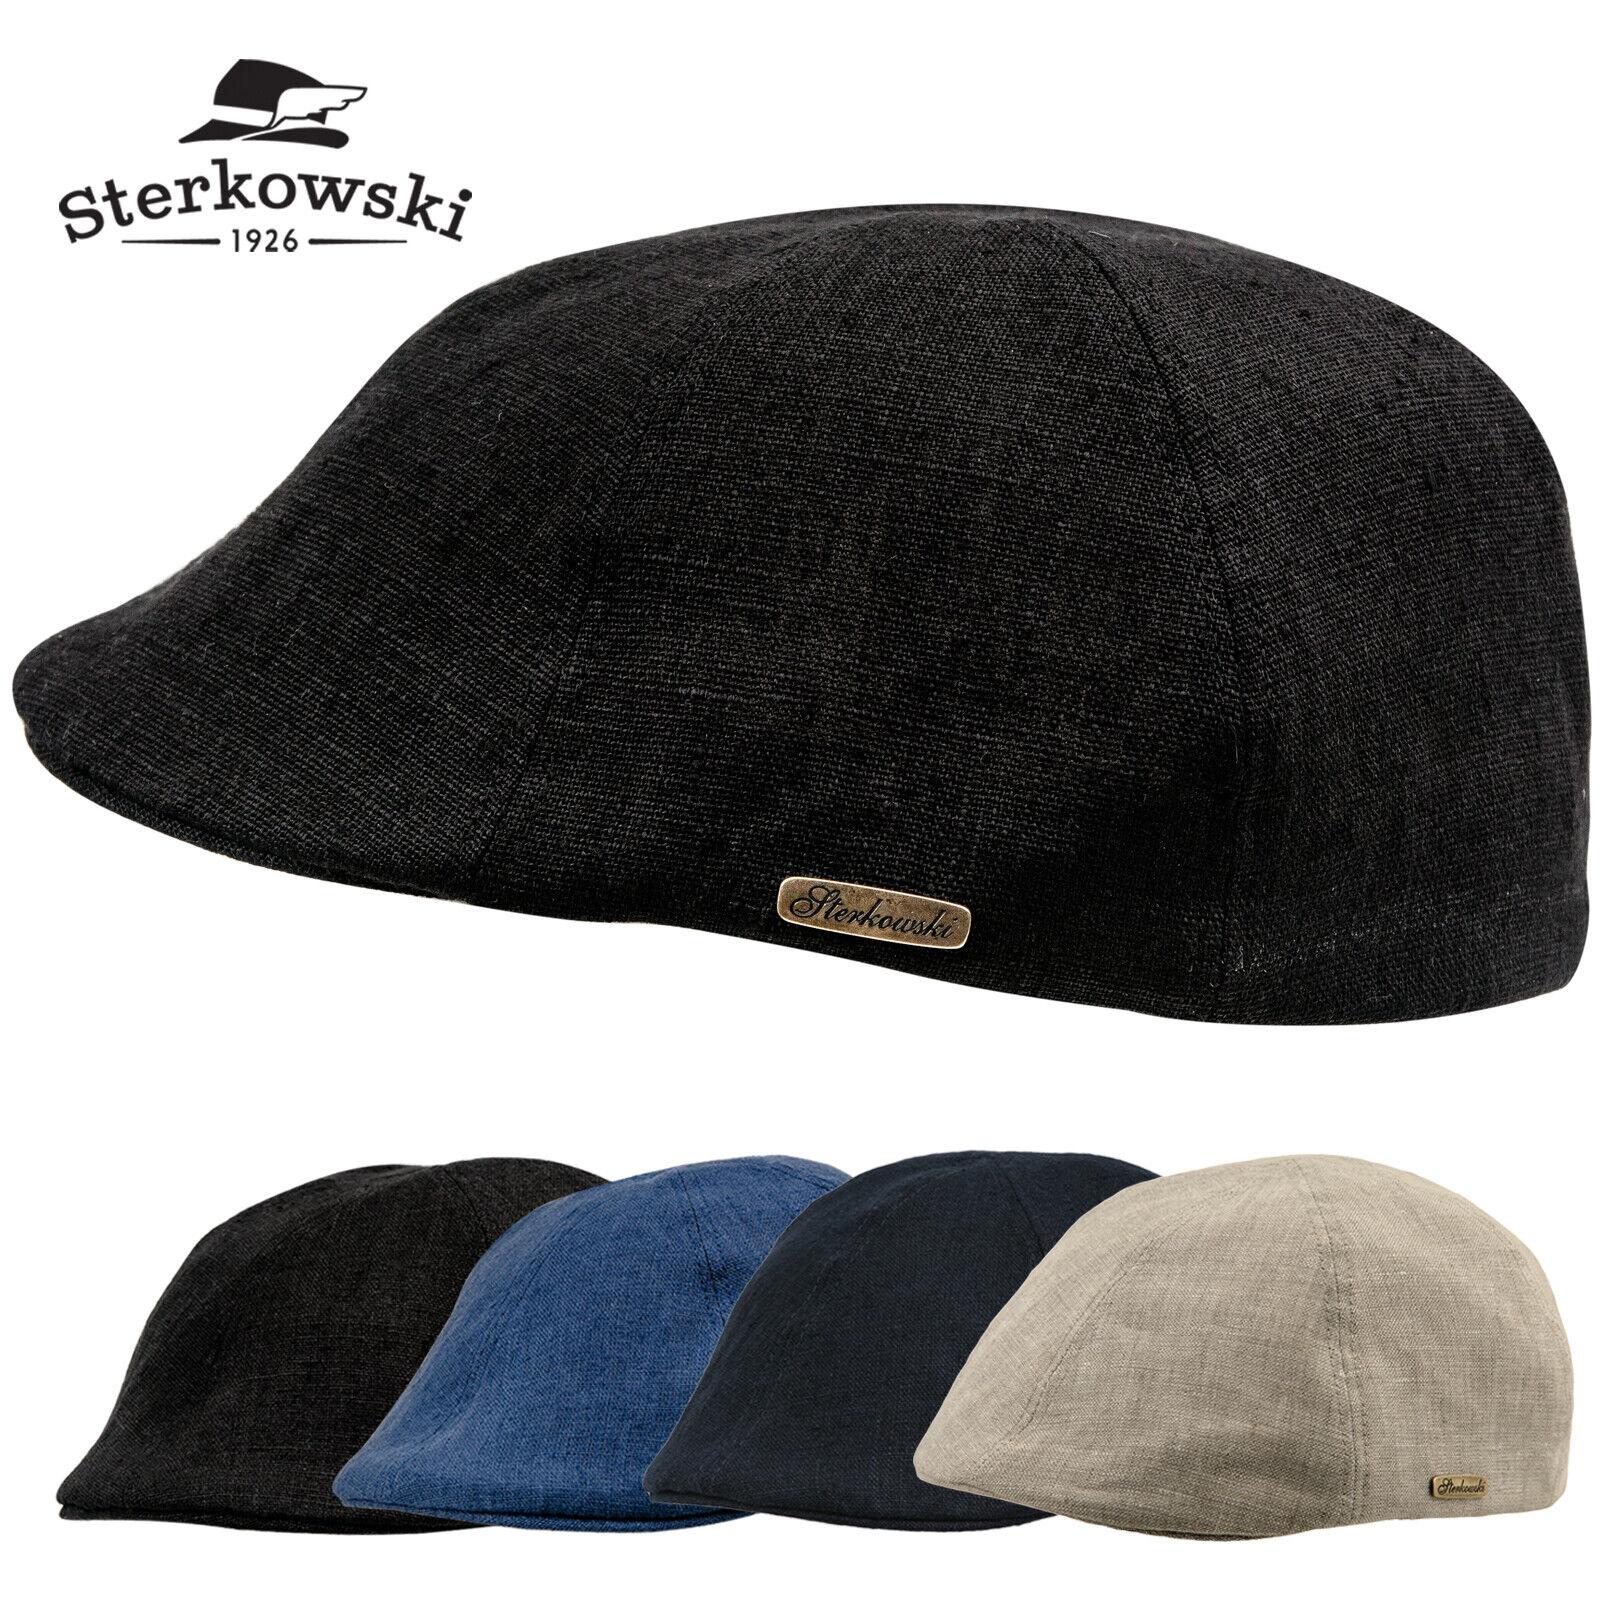 Sterkowski Rusty Linen Summer Flat Cap Super Light Duckbill Slider Hat